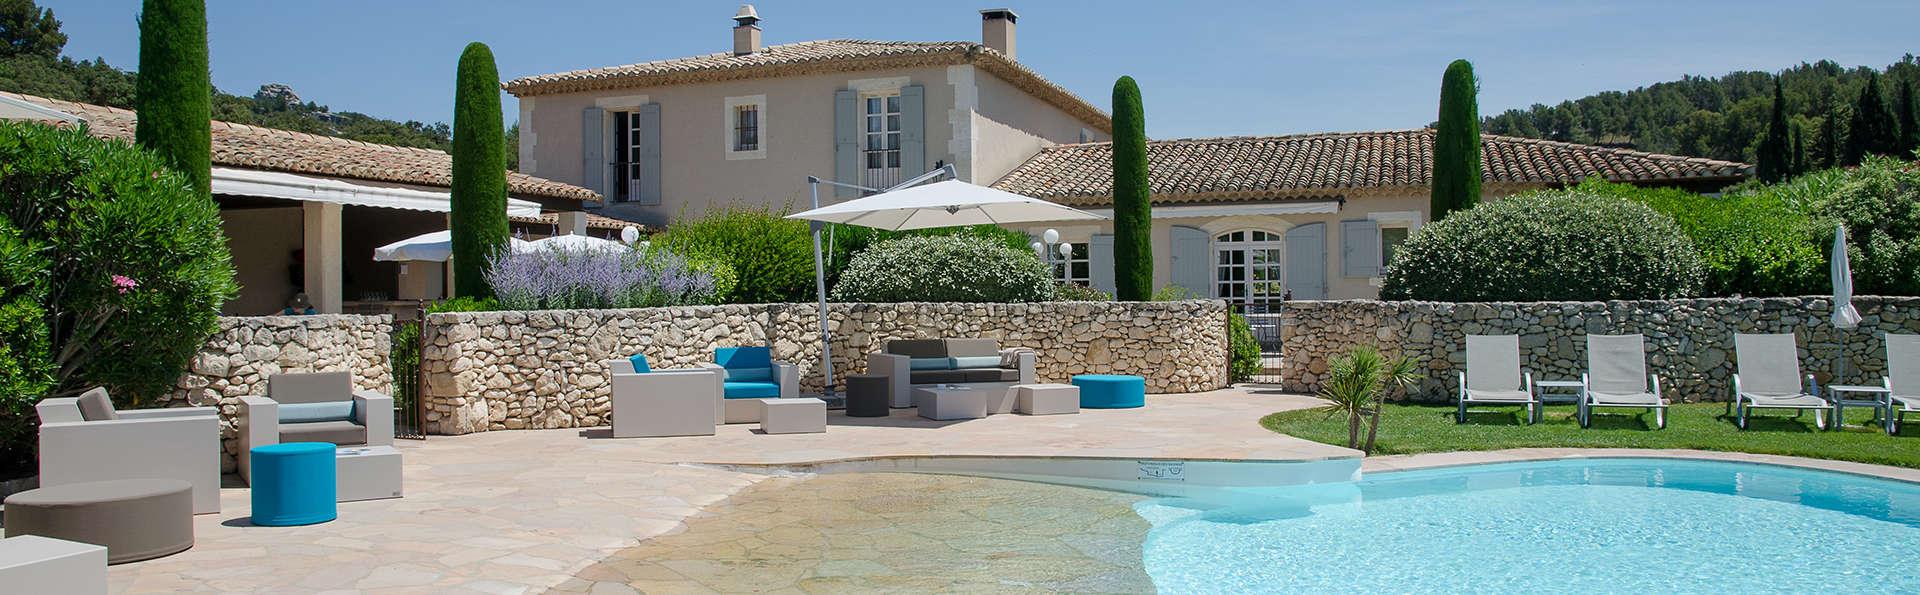 Week-end bien-être en plein coeur des Baux-de-Provence